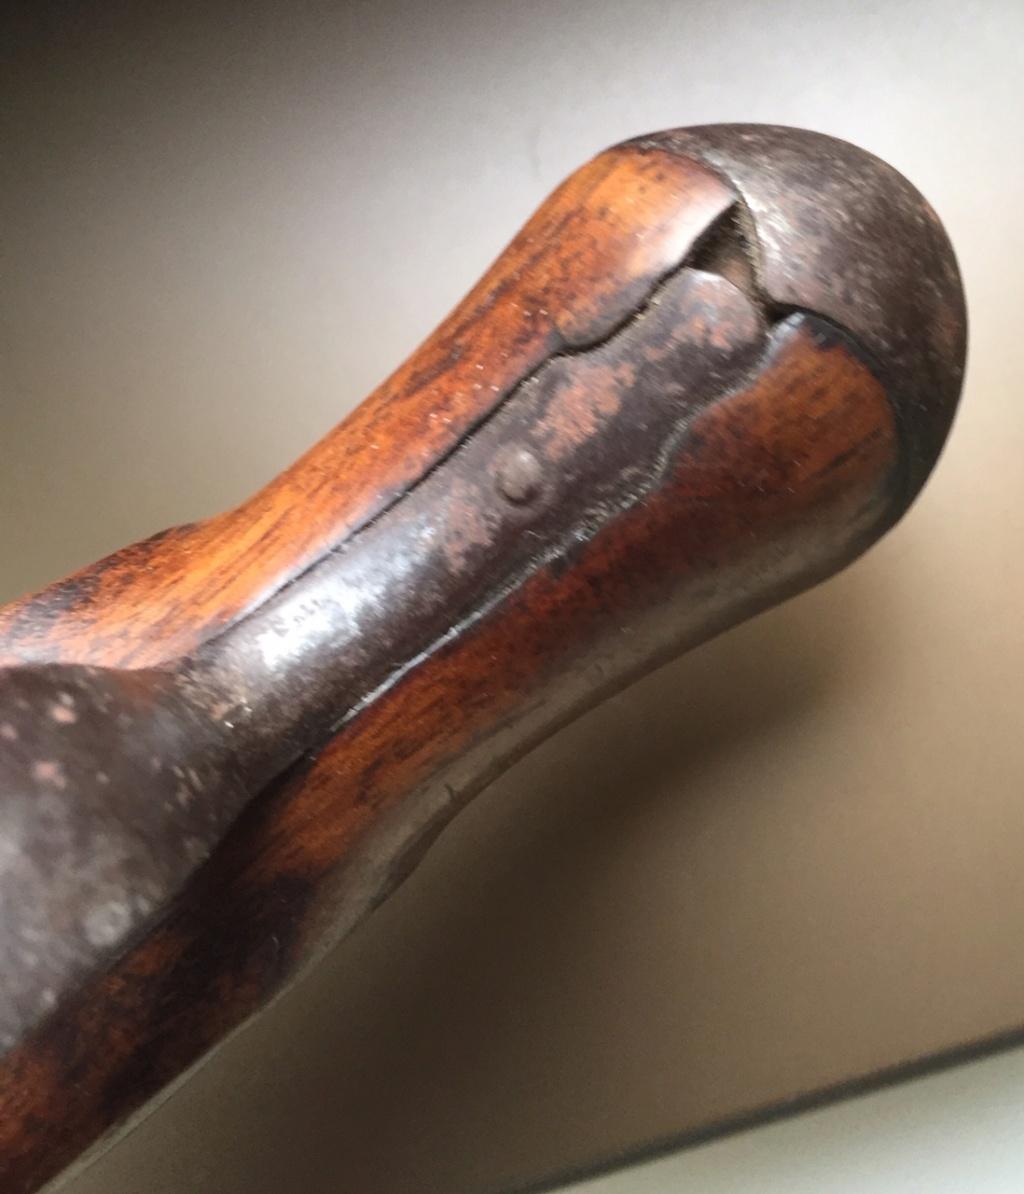 Aide identification pistolet à silex daté de 1811 717